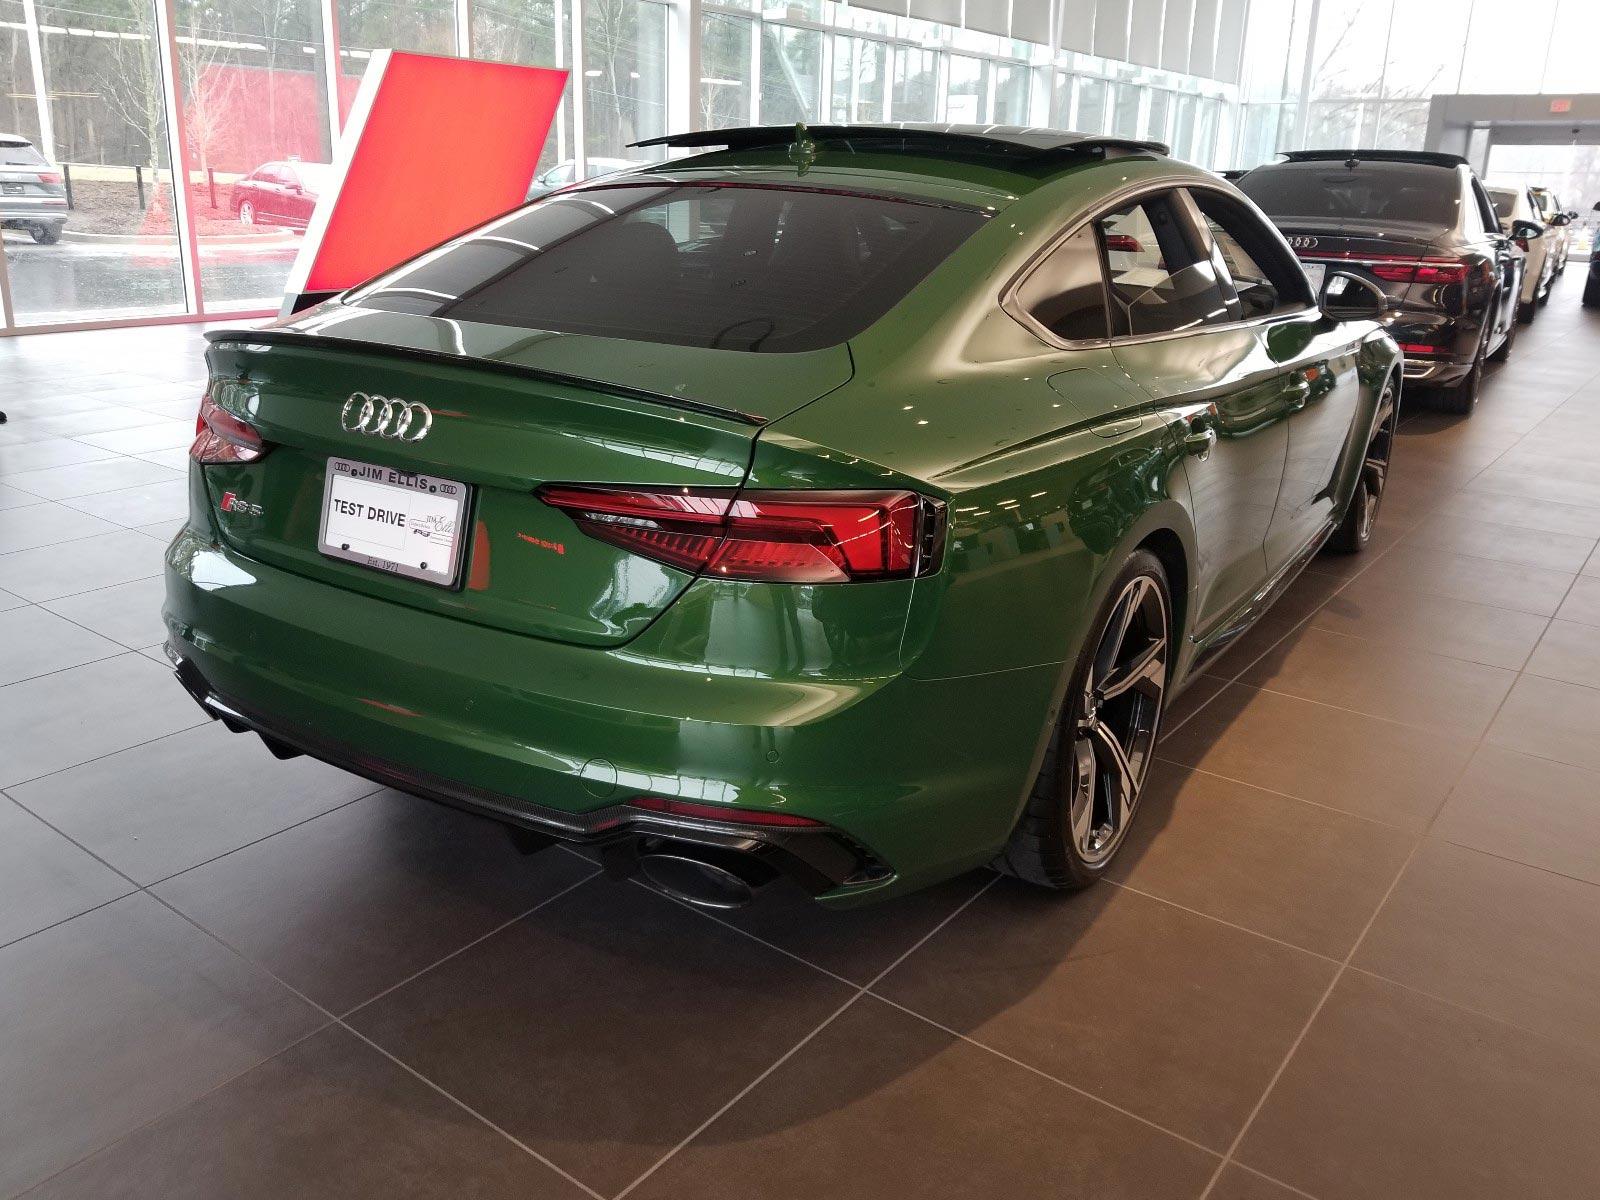 Green Audi RS-5